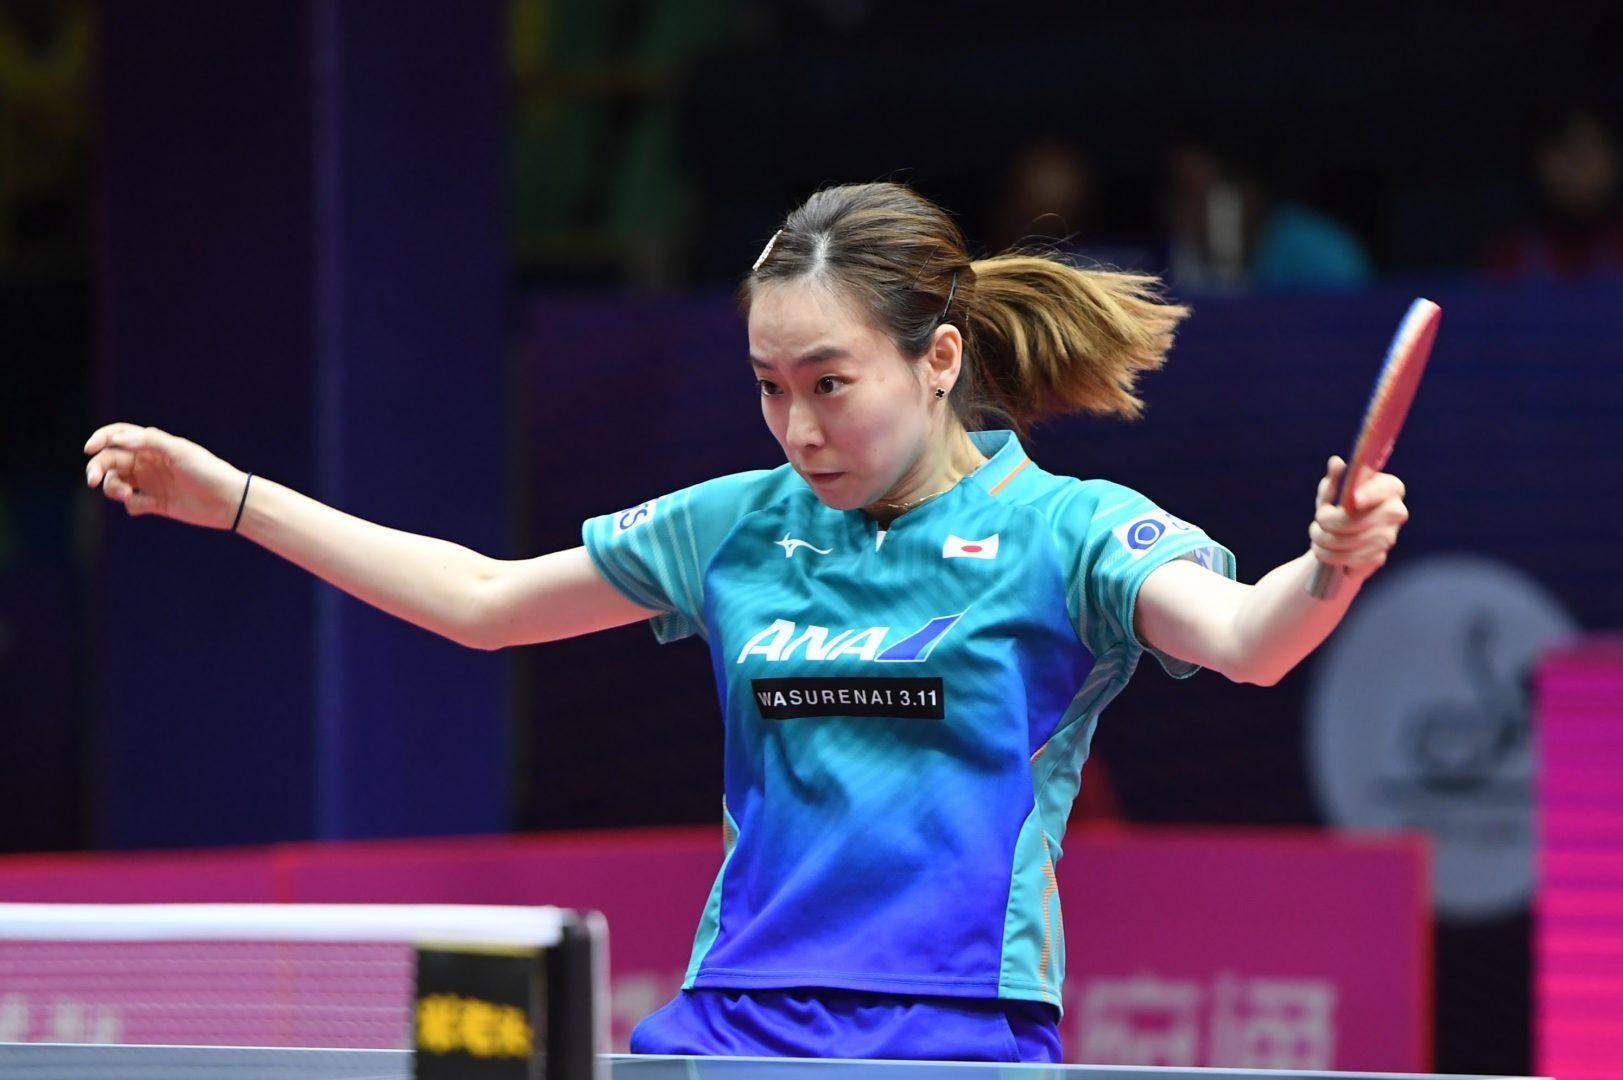 石川佳純、フルゲーム制せずベスト8 ロンドン銅メダリストに惜敗<卓球・2019女子ワールドカップ>